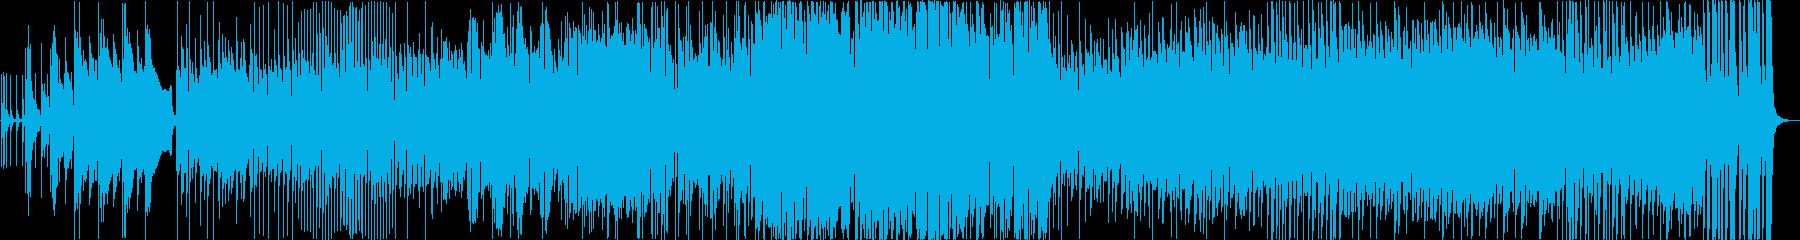 ロックプログレッシブ、エスニック、...の再生済みの波形